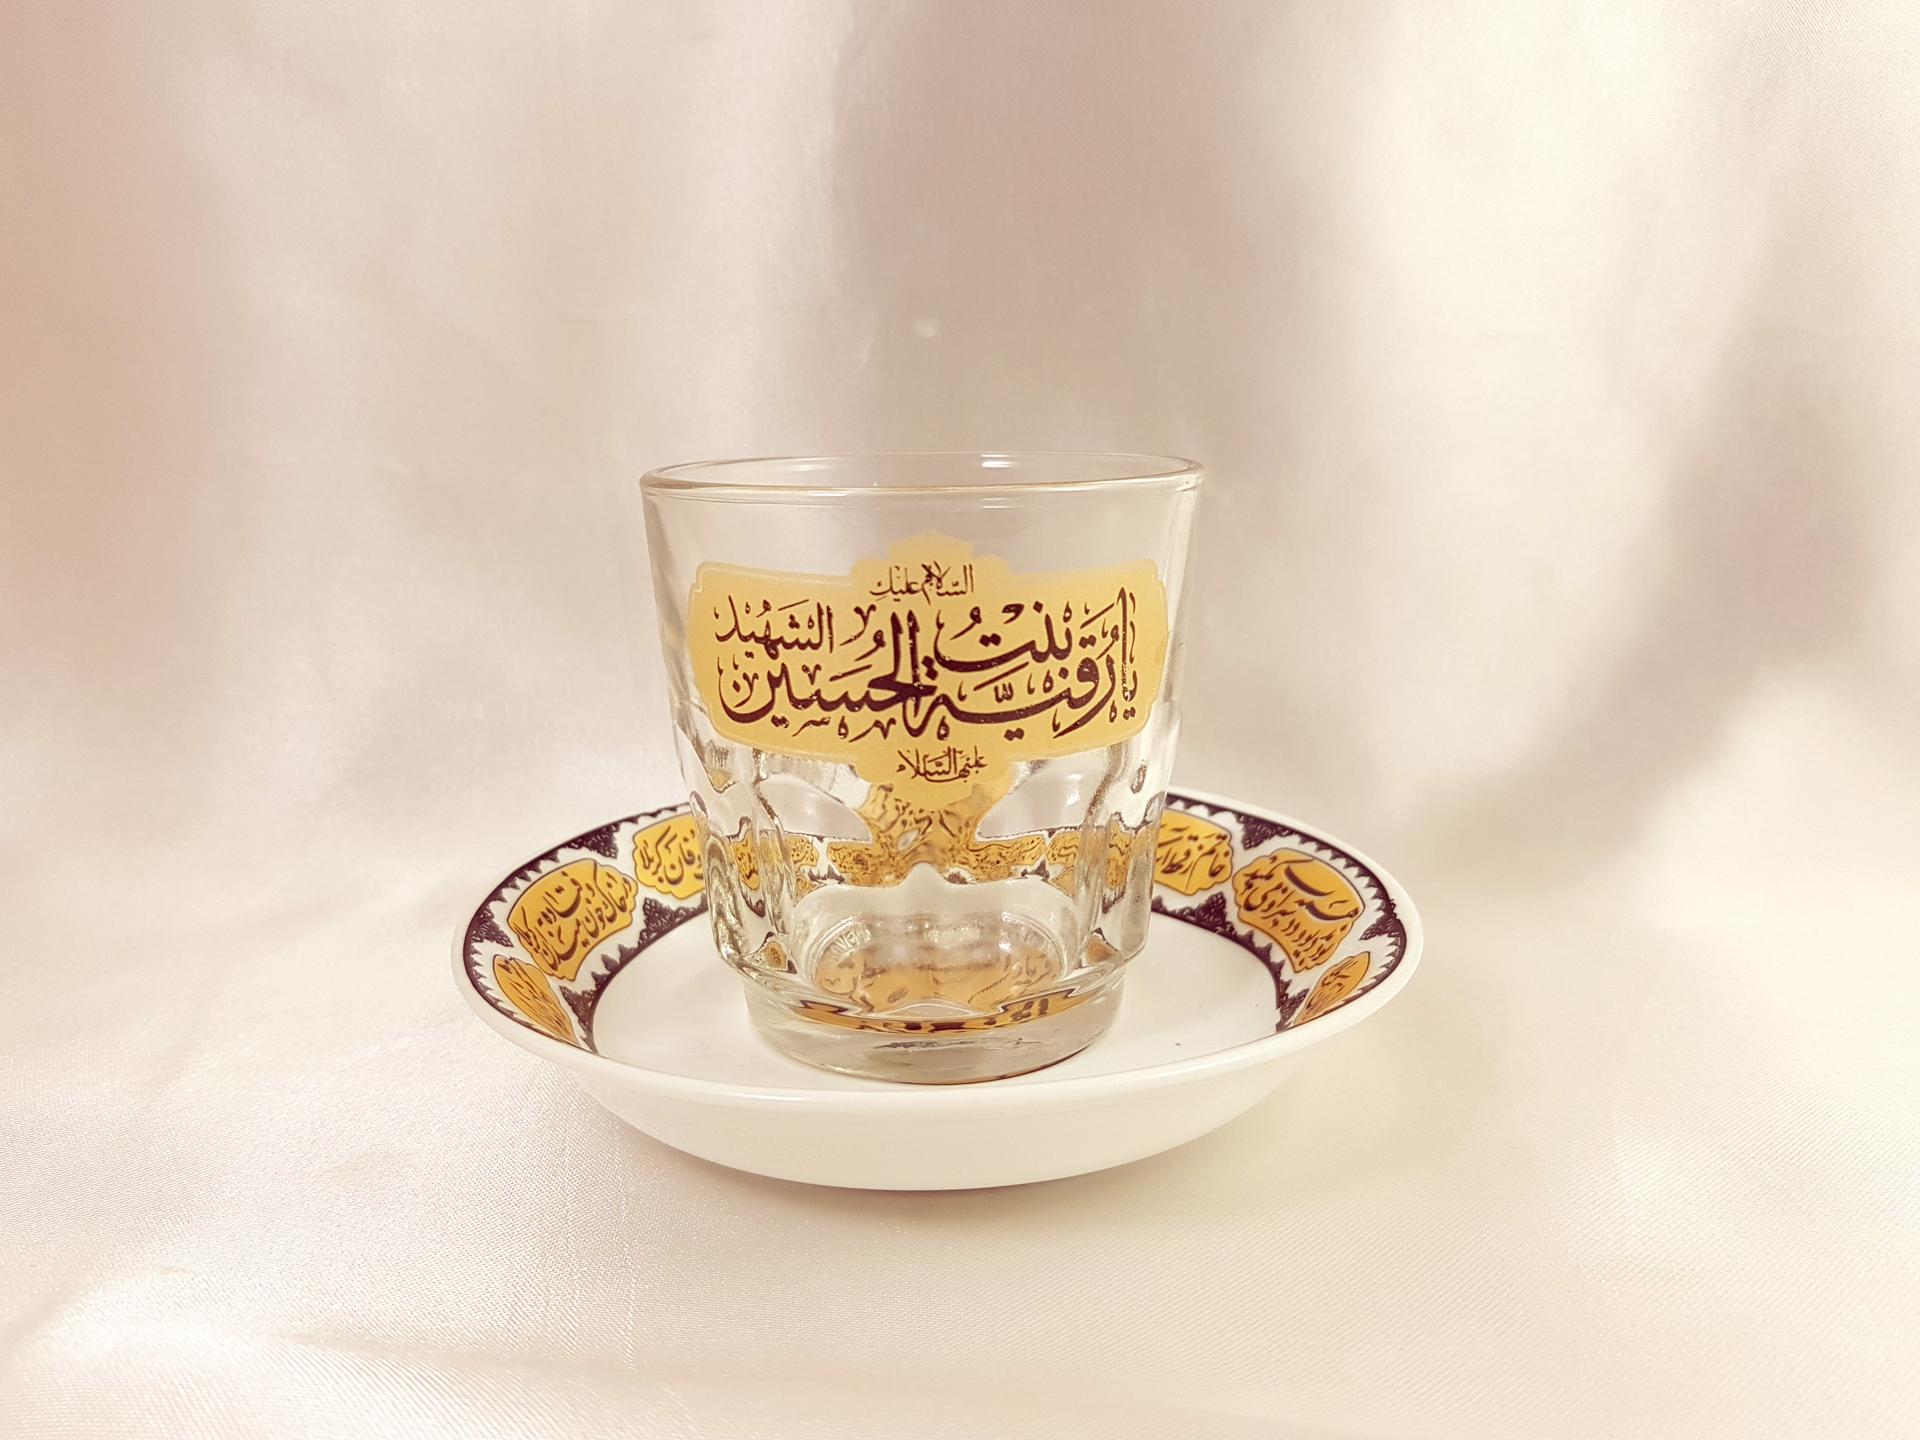 تصویر از استکان و نعلبکی نیم لیوان هیئت یا رقیه بنت الحسین(س)